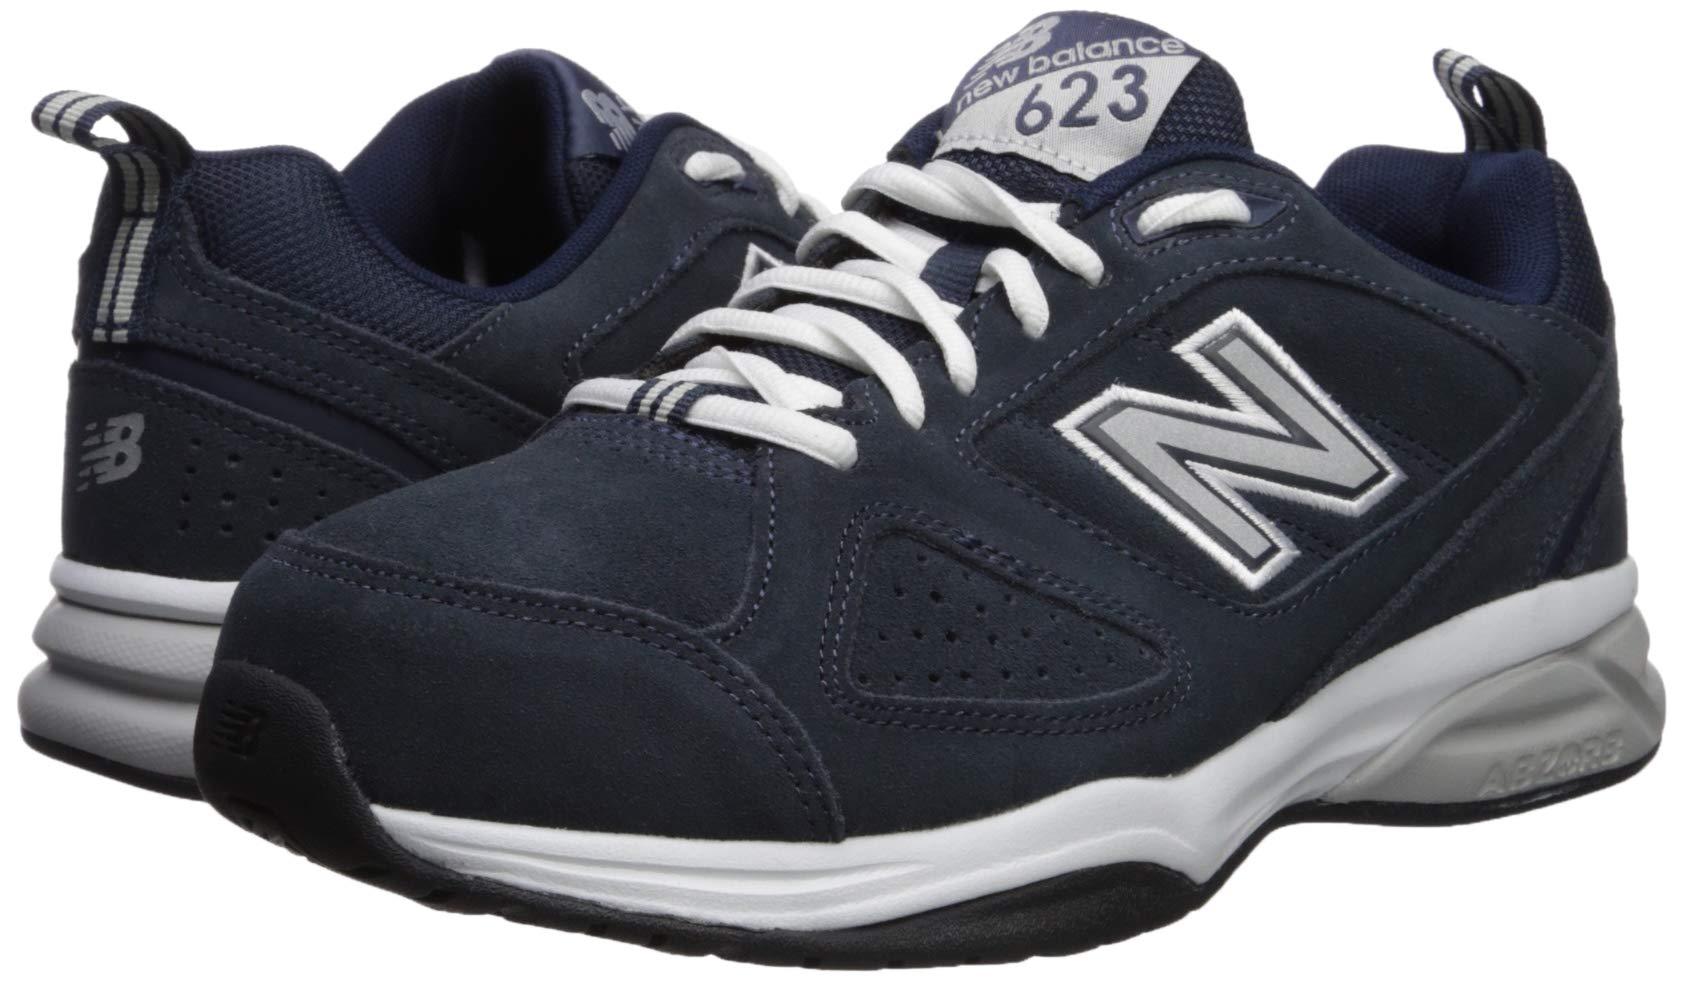 New Balance Men's MX623v3 Training Shoe, Navy, 7 W US by New Balance (Image #5)